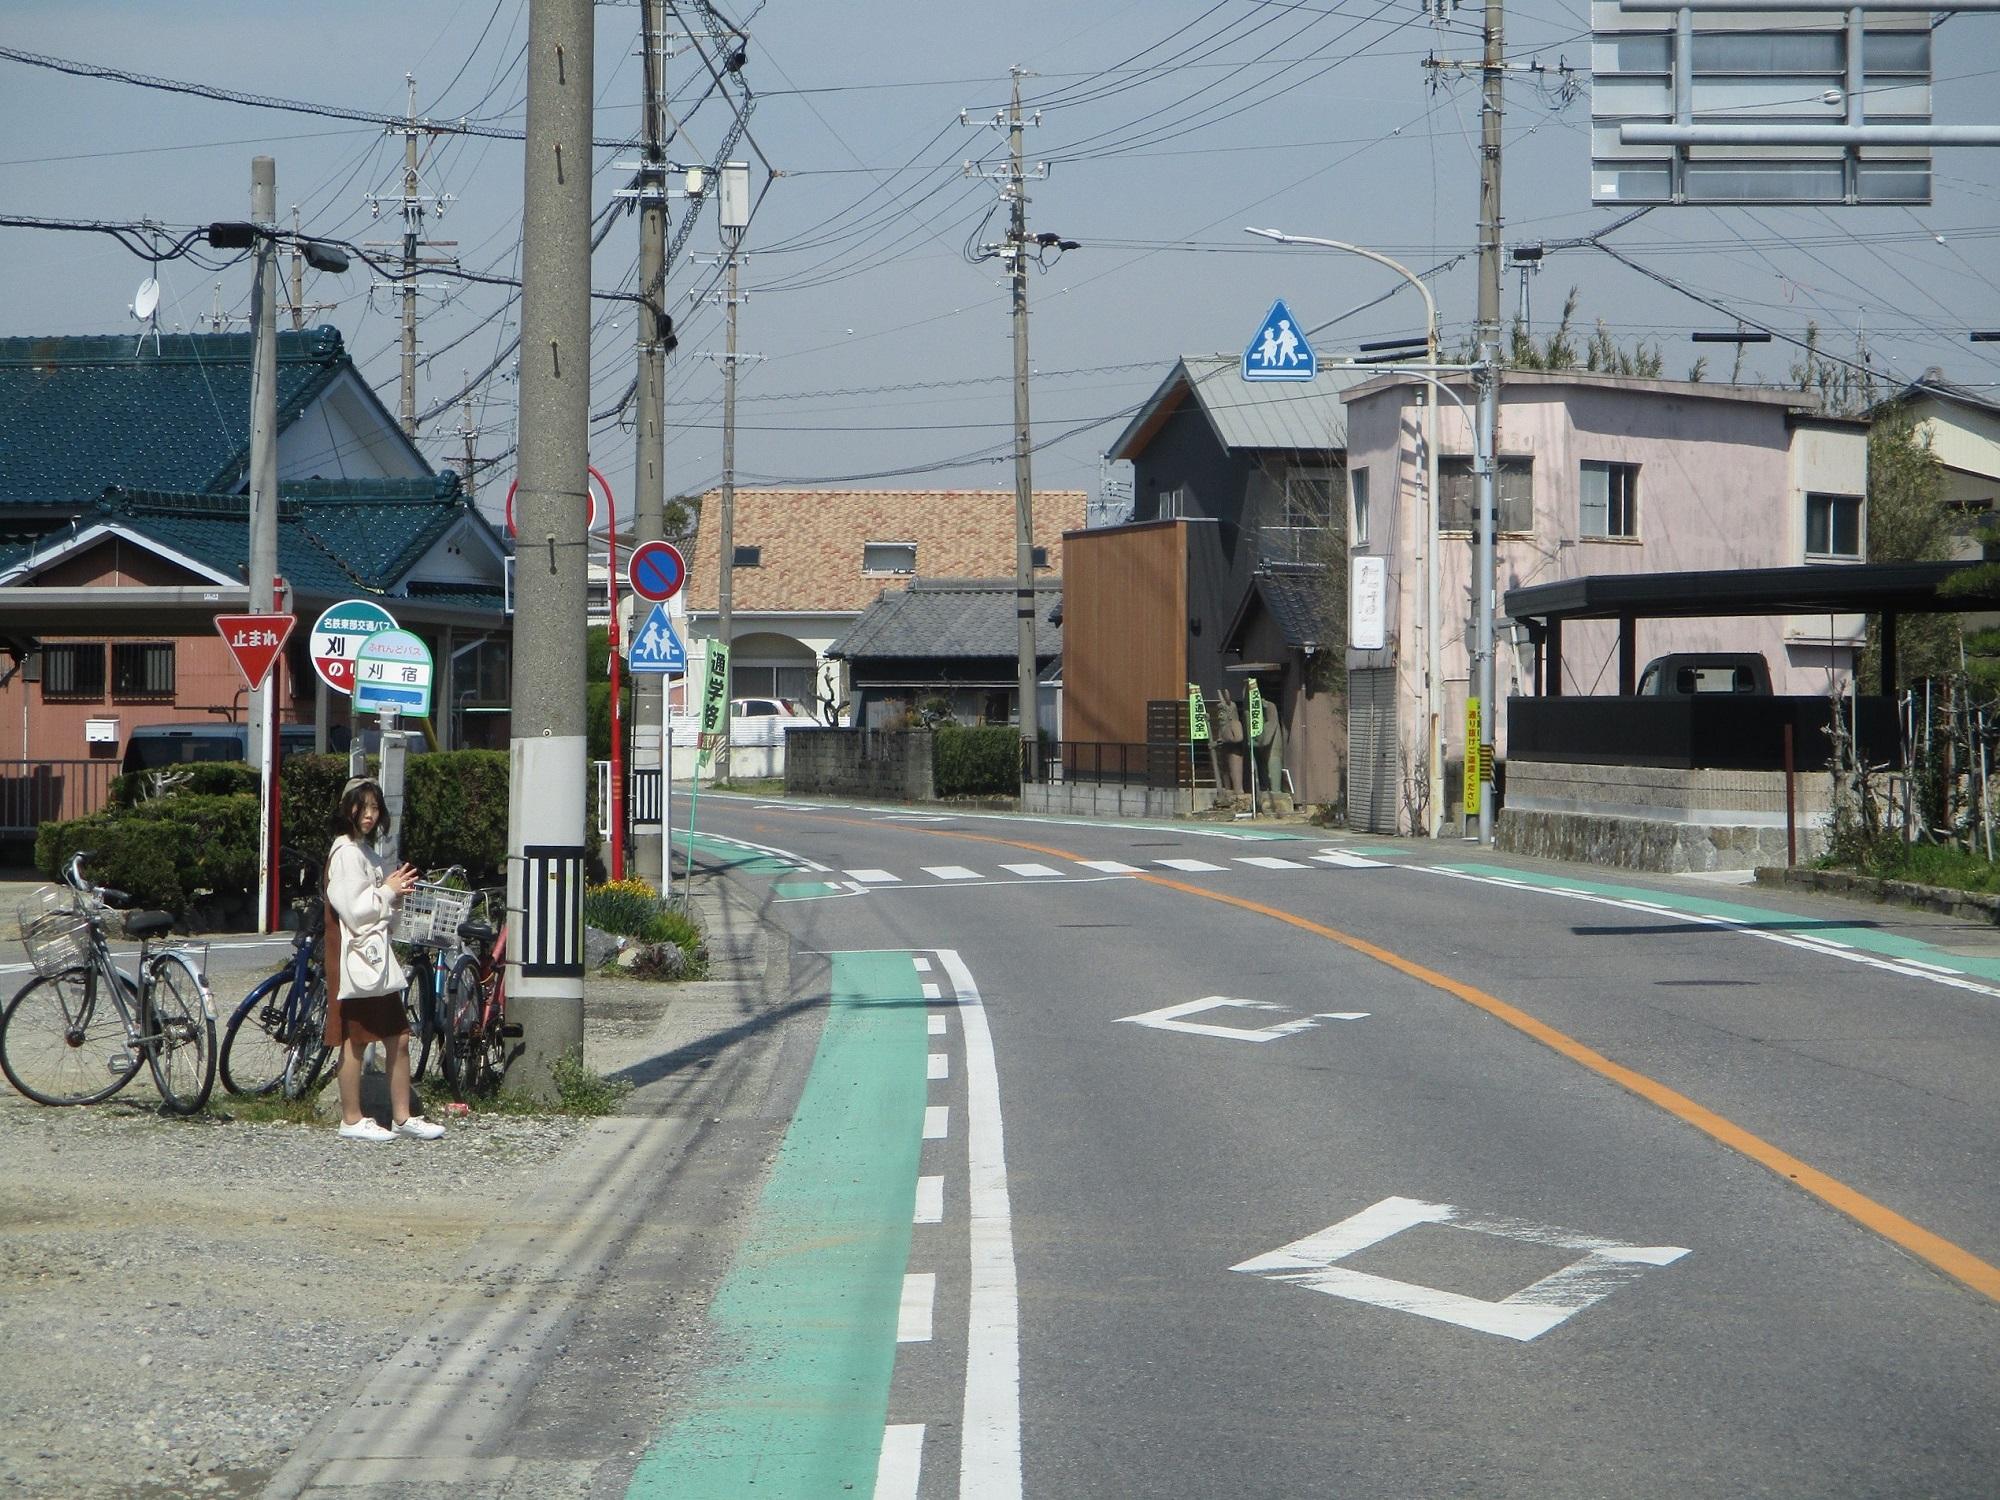 2020.3.13 (51) 寺津・刈宿循環バス - 刈宿バス停 2000-1500